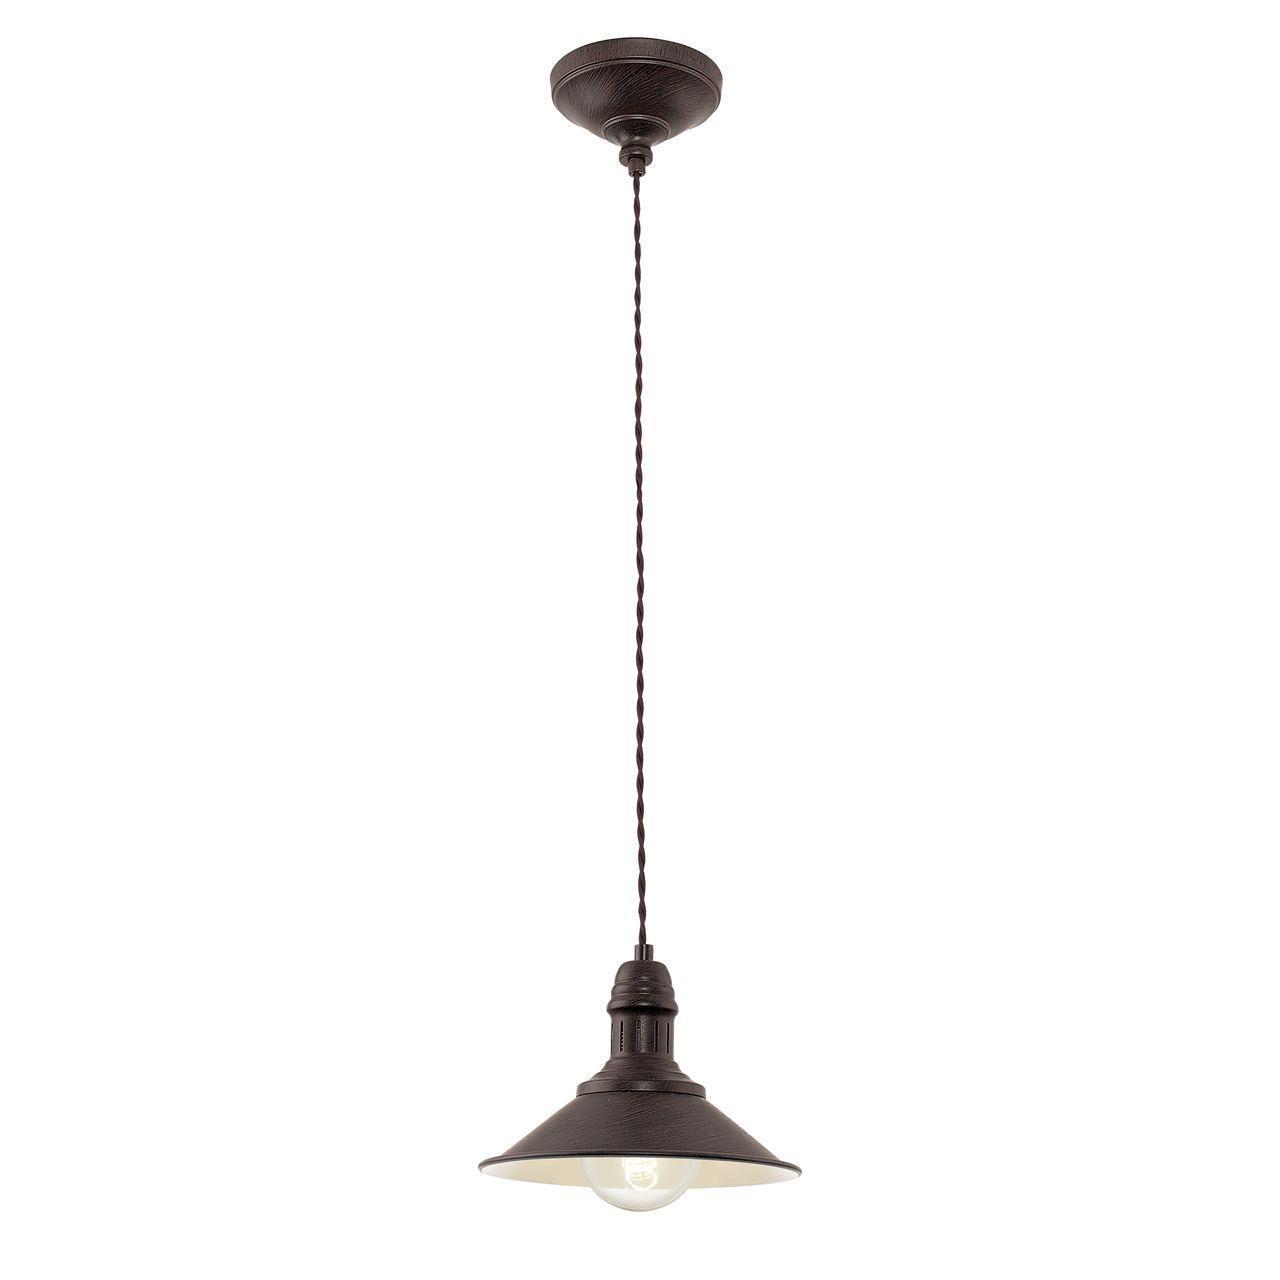 Подвесной светильник Eglo Stockbury 49455 цена